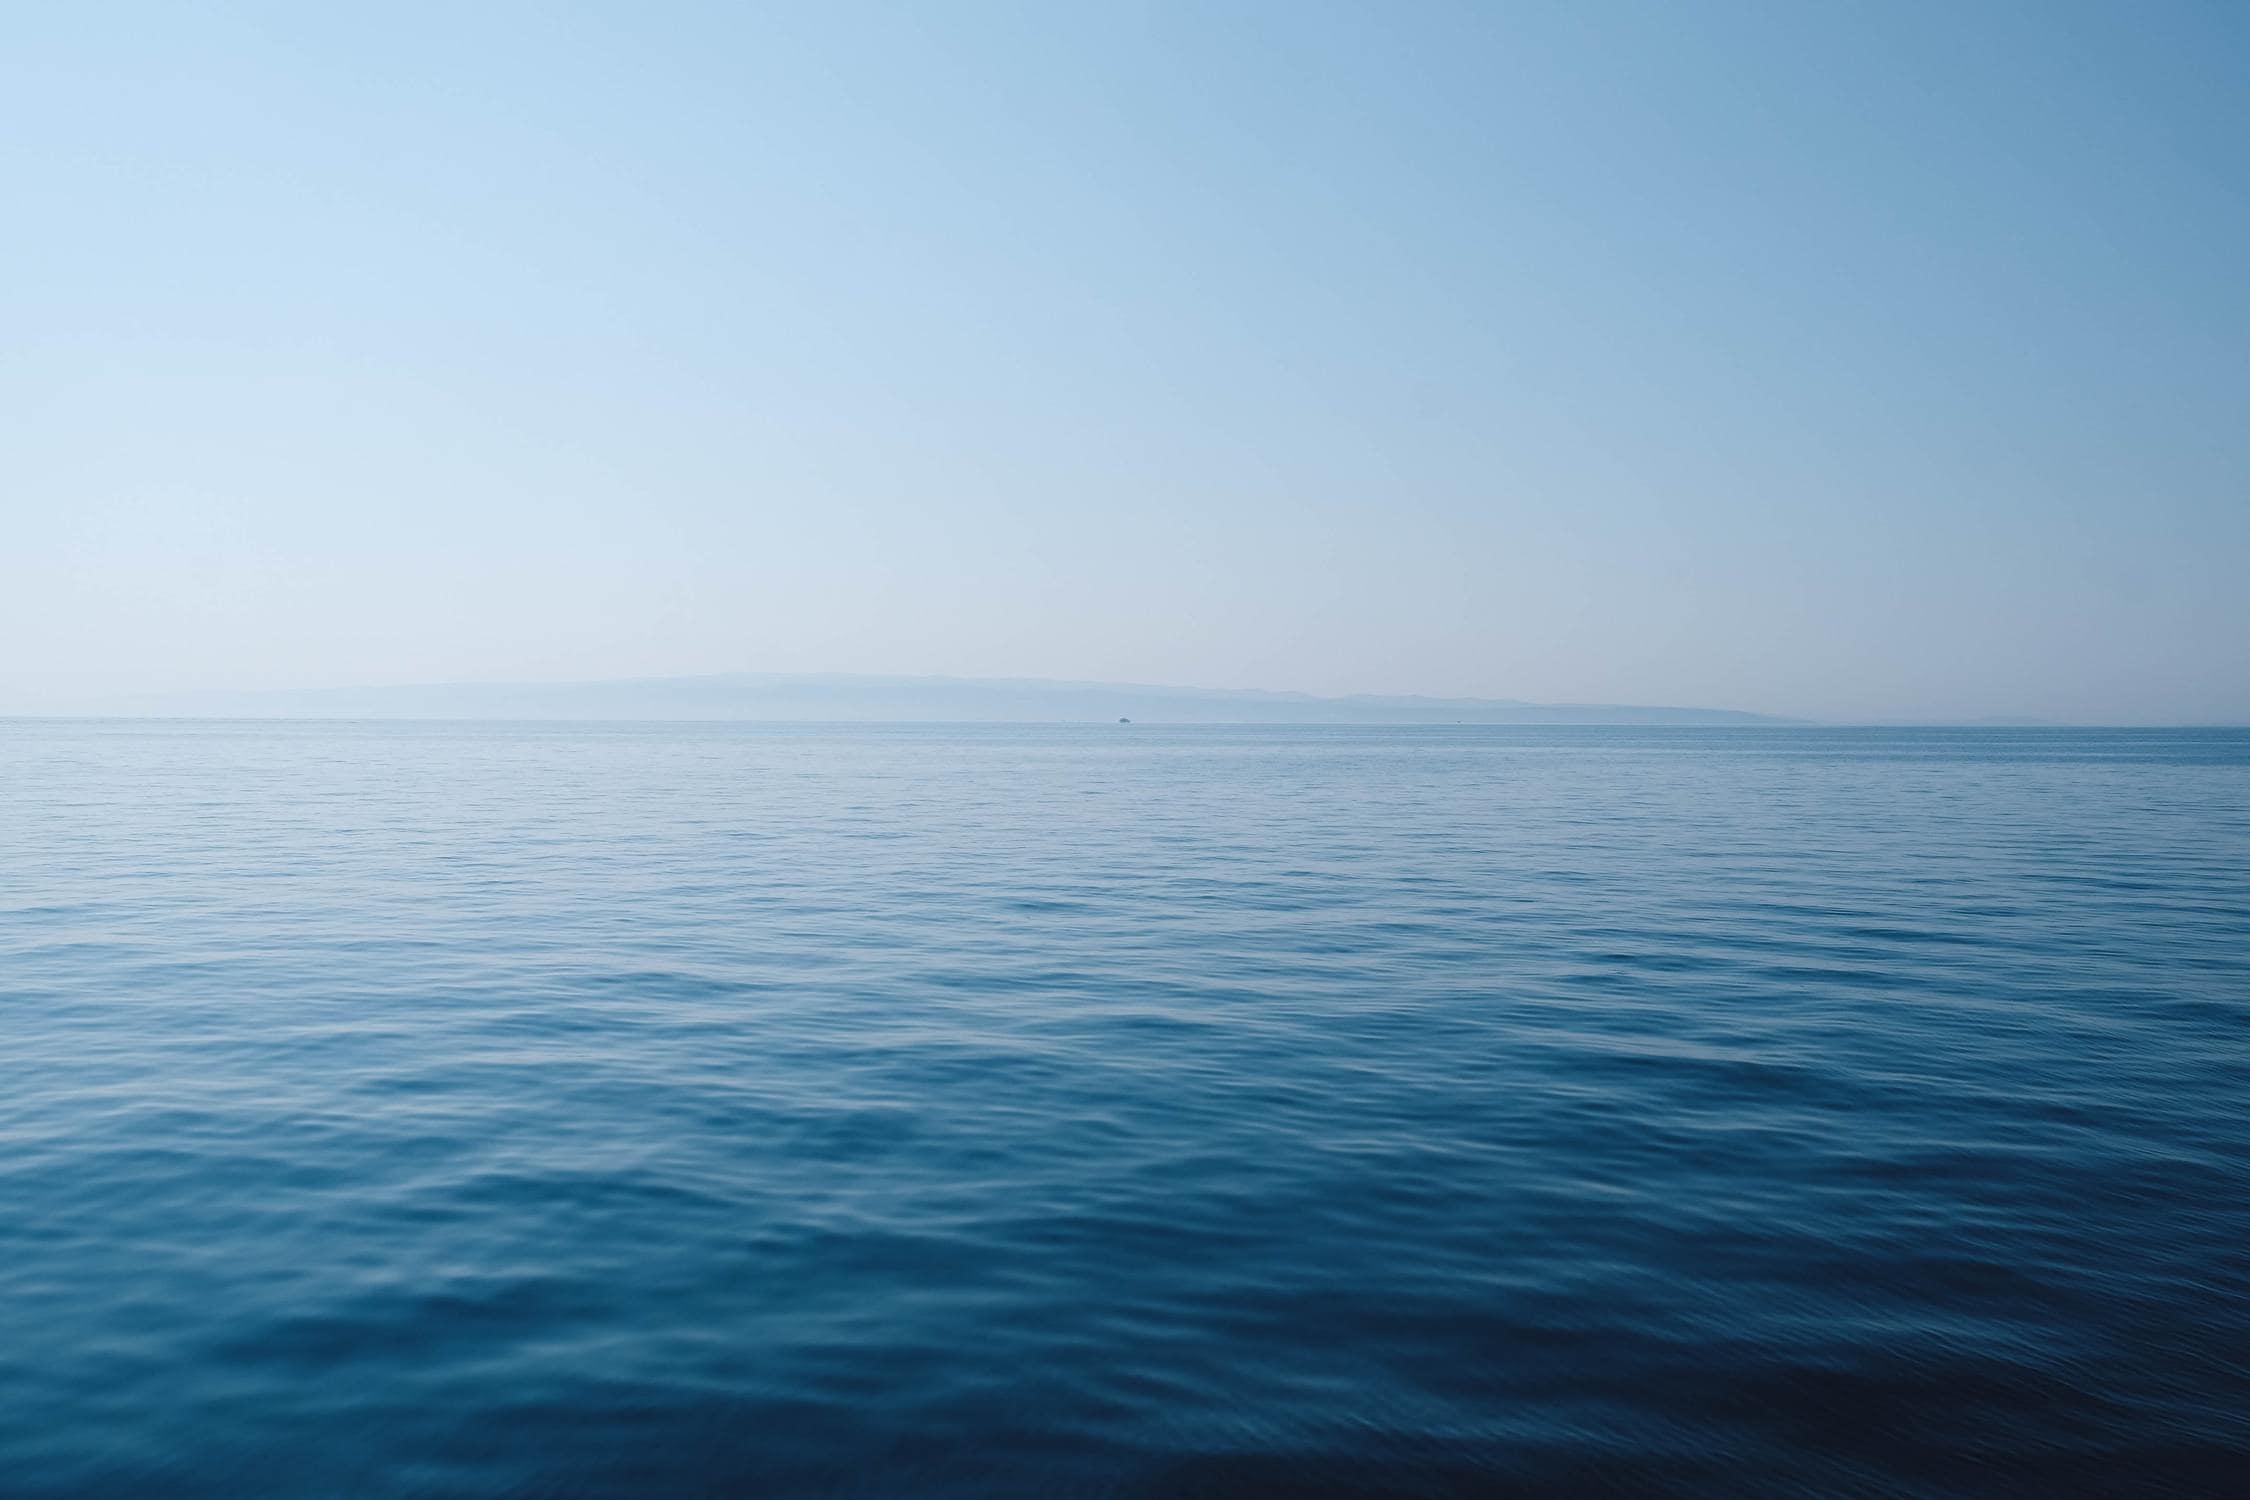 Das Meer erscheint blau, da das blaue Licht gestreut wird